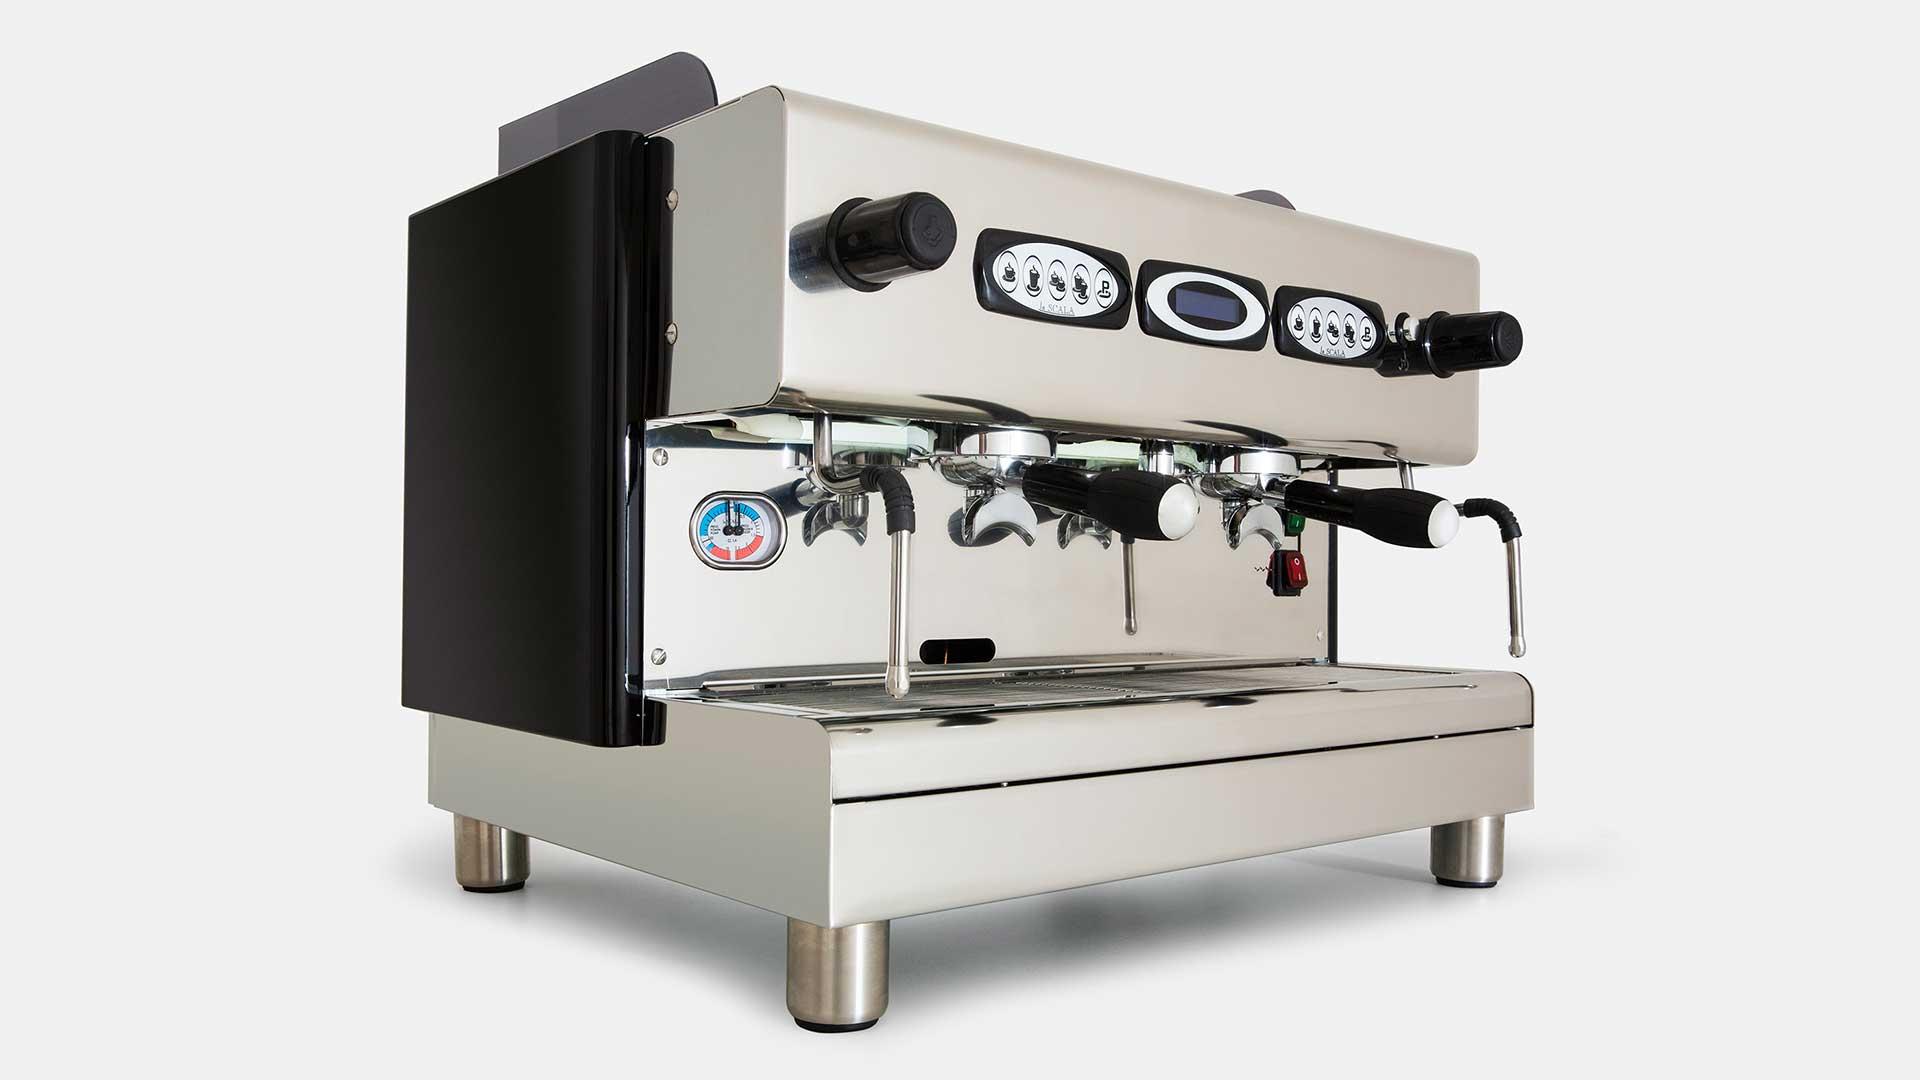 la-scala-macchine-caffe-espresso-made-in-italy-norma-design